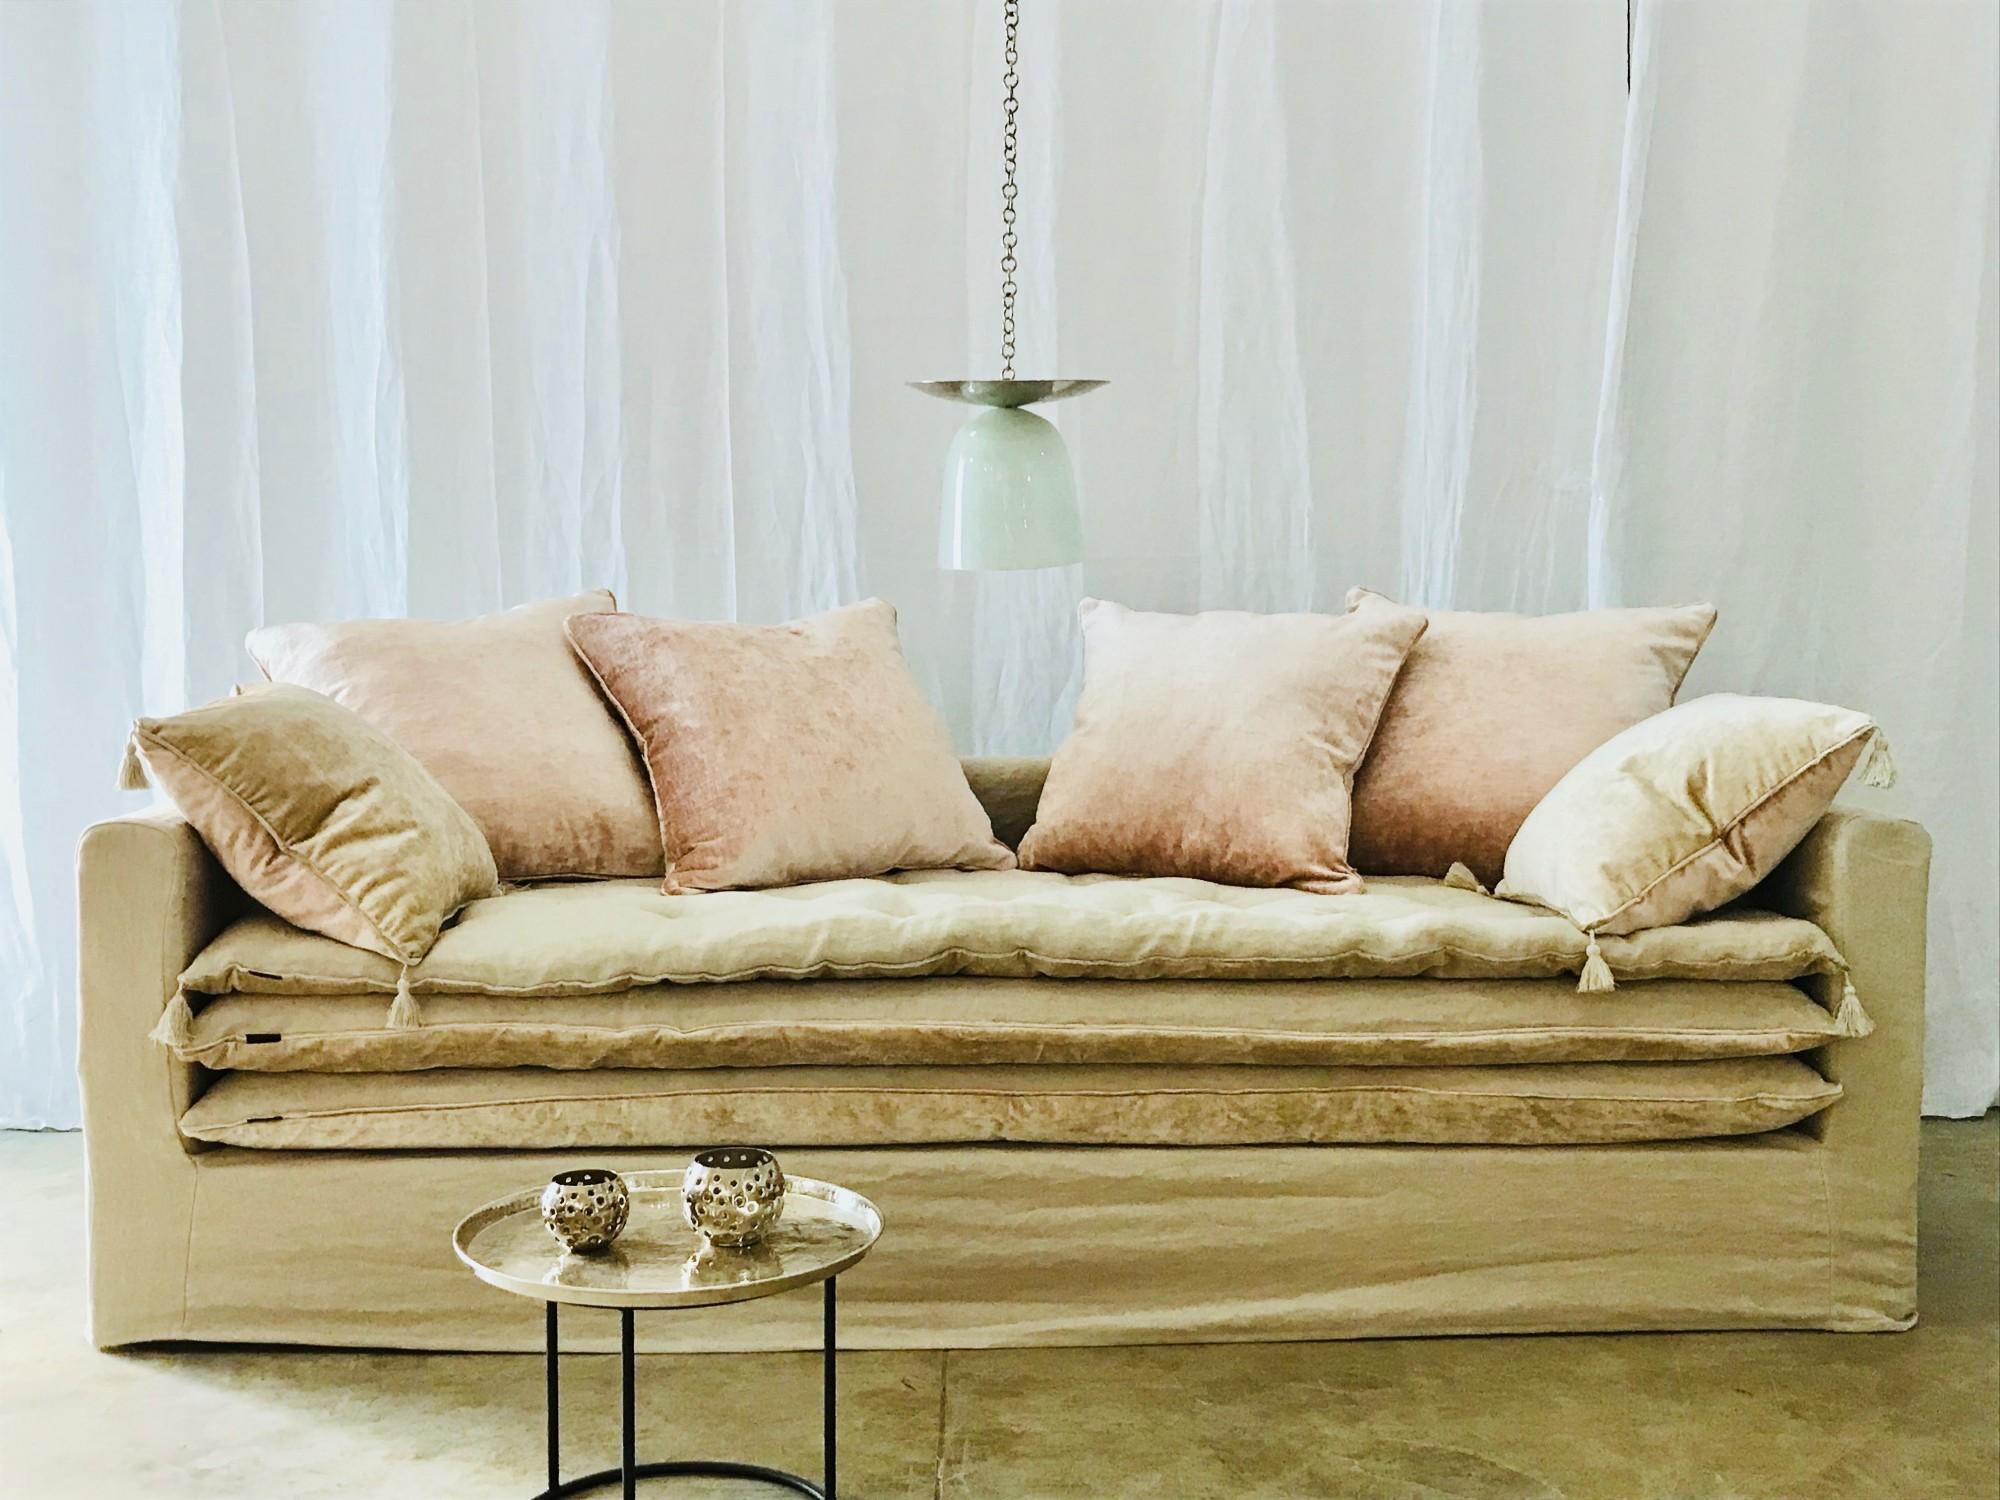 canapé en lin lavé beige ficelle à Dijon